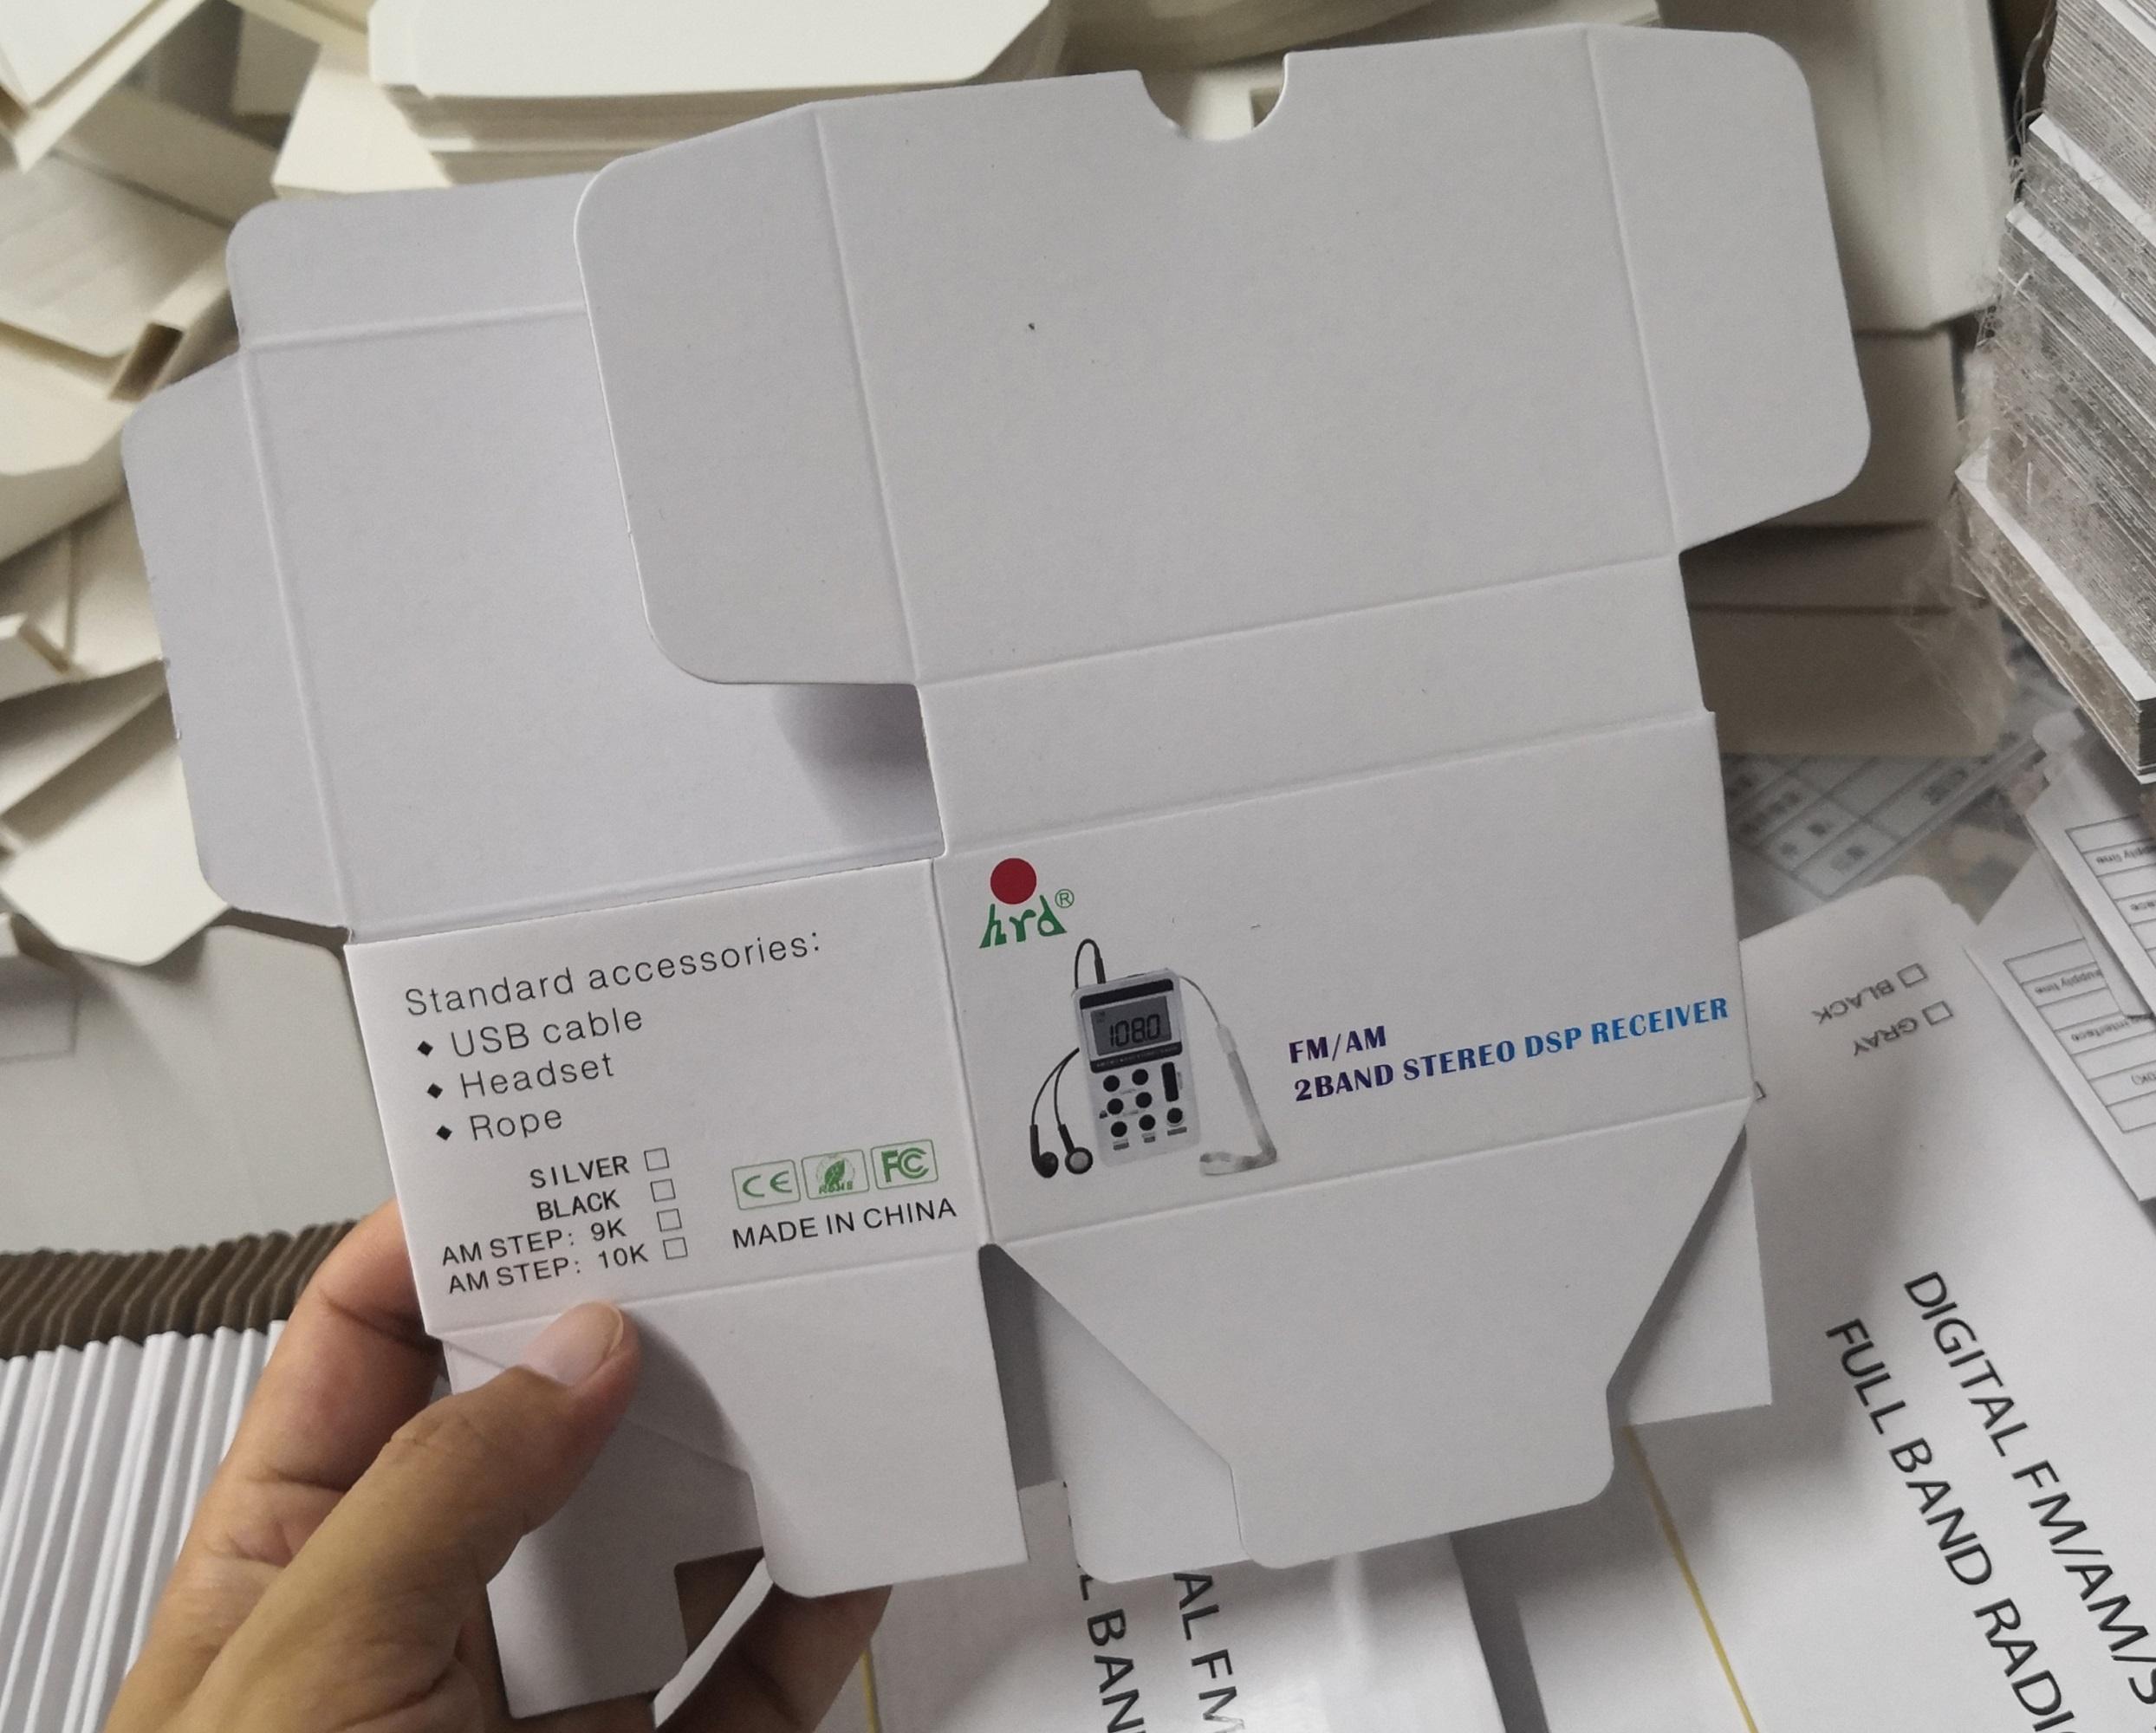 吉安纸盒加工厂产品包装盒优质印刷